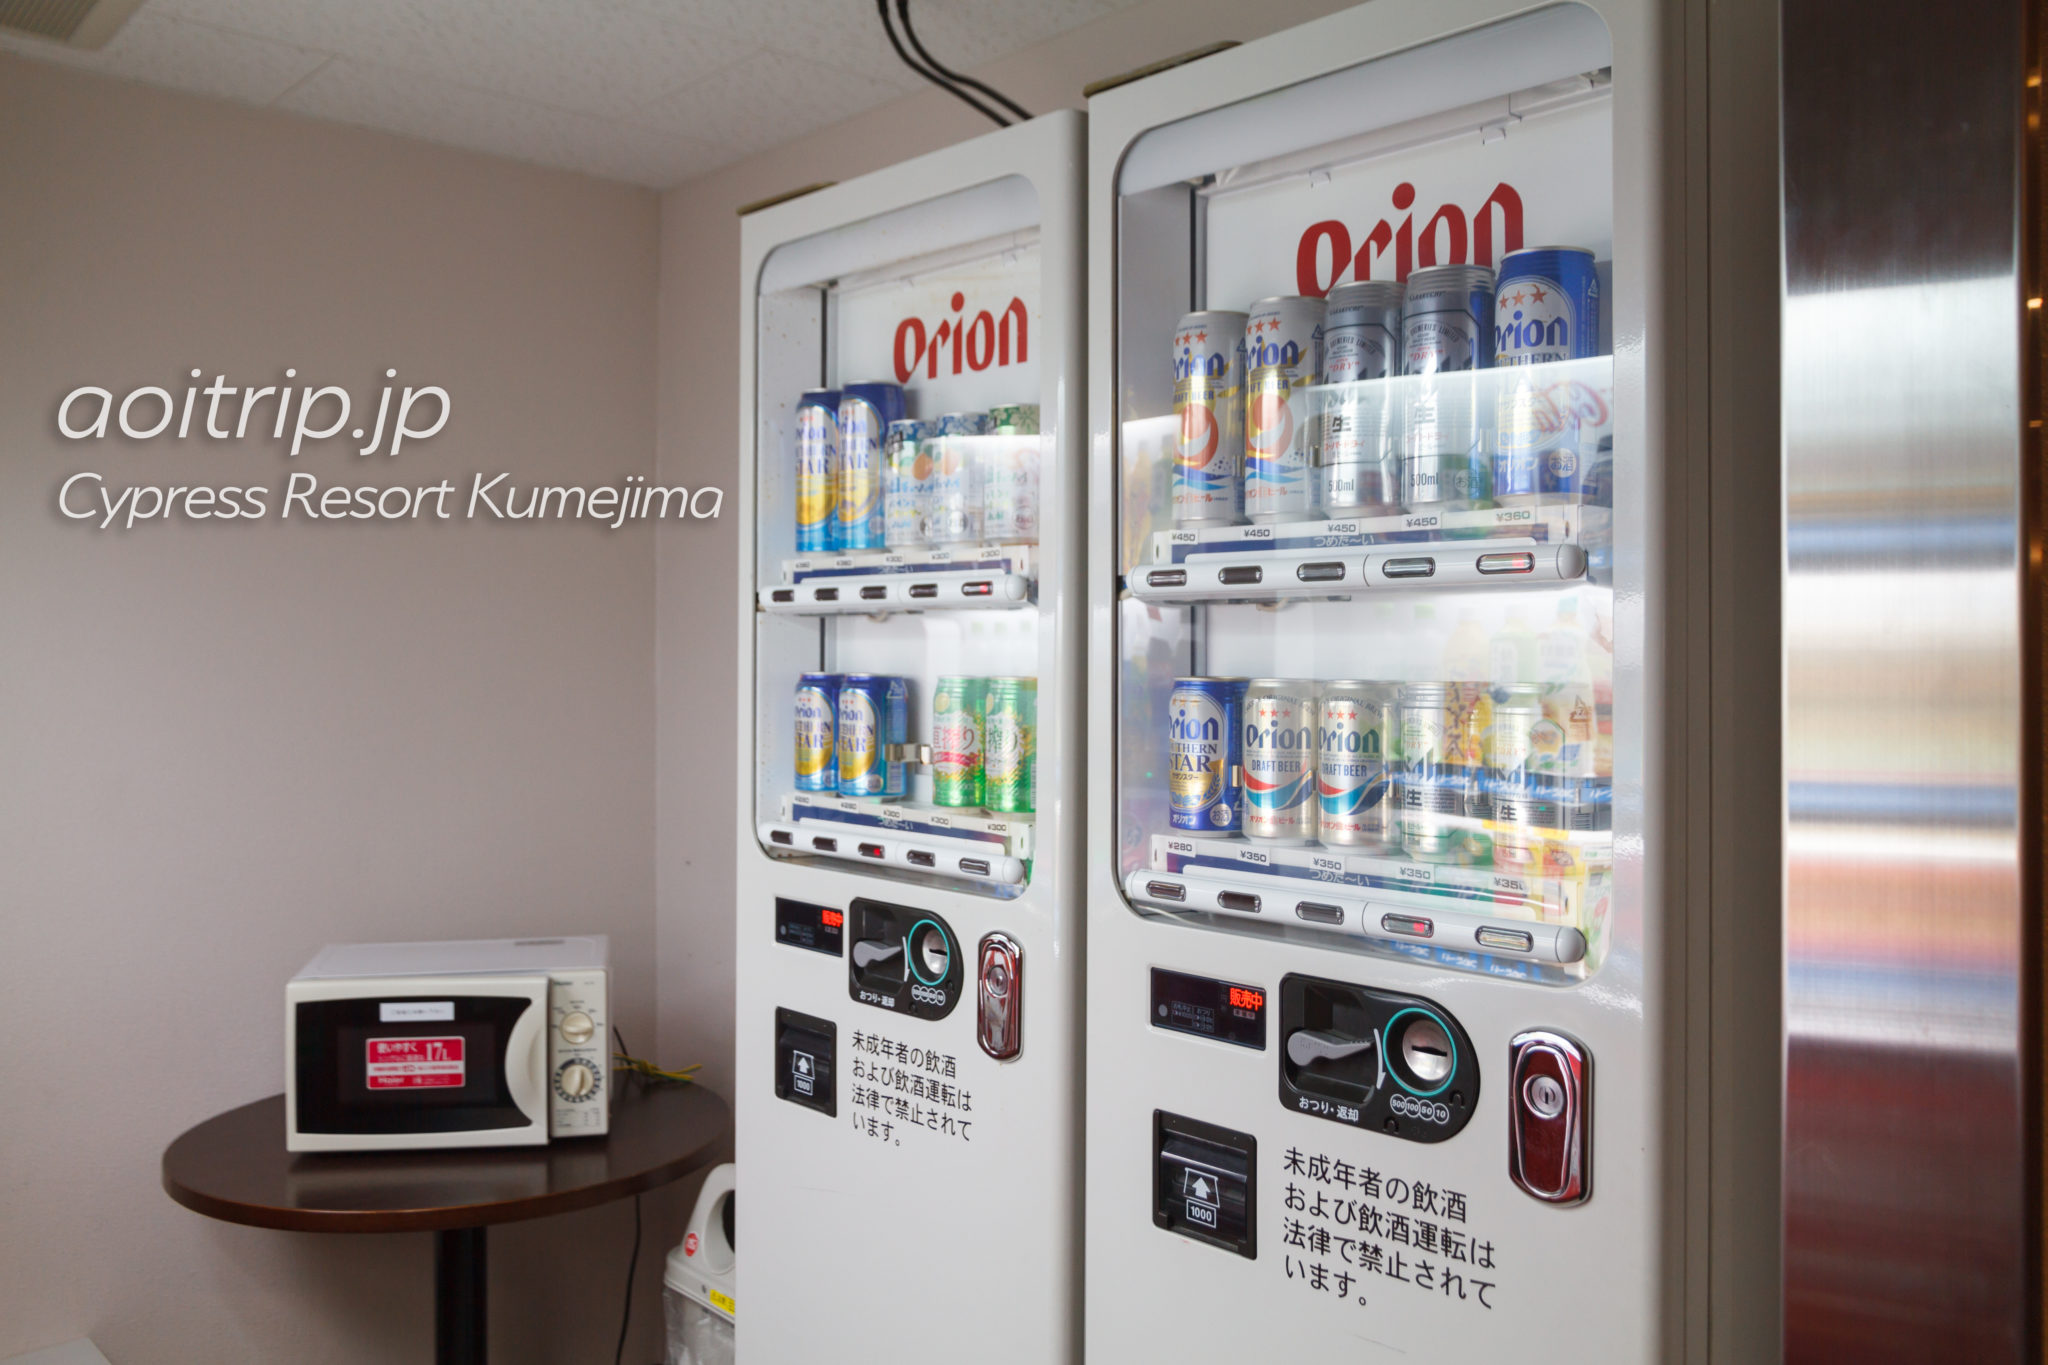 サイプレスリゾート久米島の自動販売機